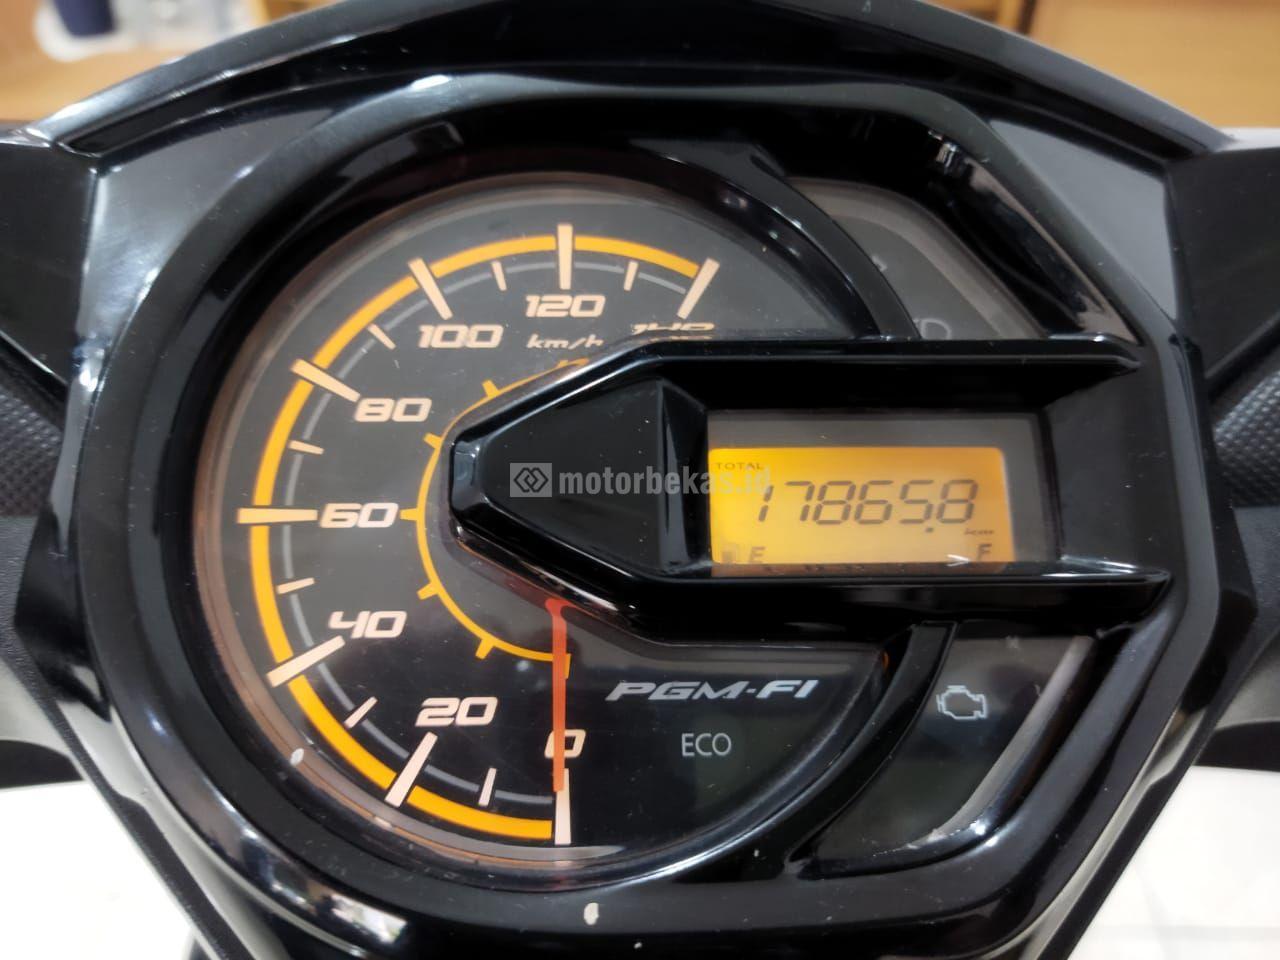 HONDA BEAT FI 2173 motorbekas.id